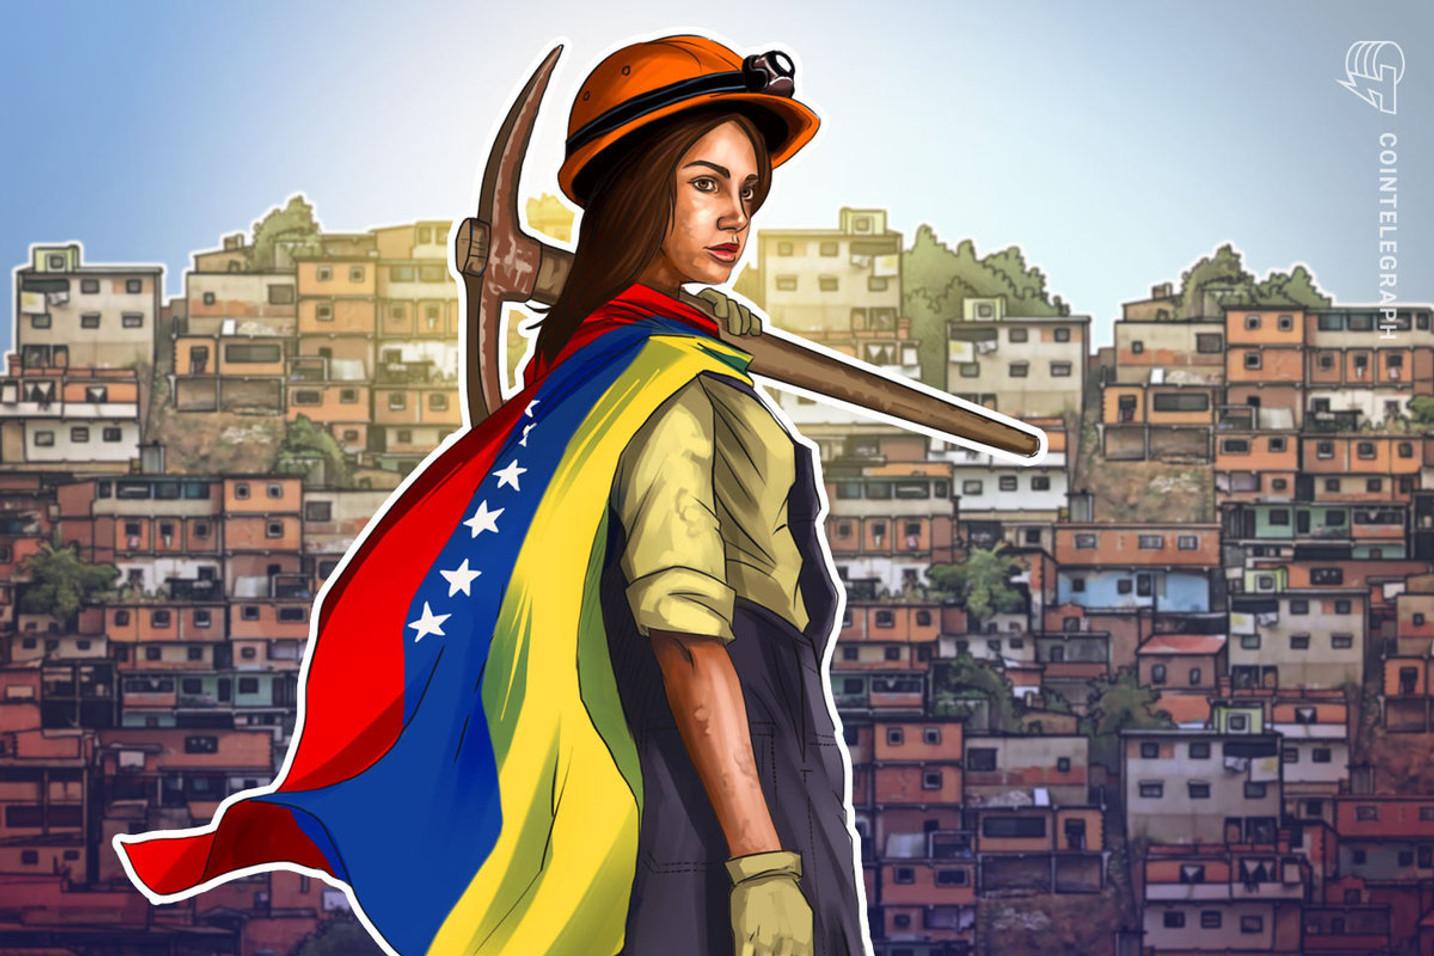 Atividades de mineração de criptomoedas passam a ser regulamentadas pelo governo na Venezuela